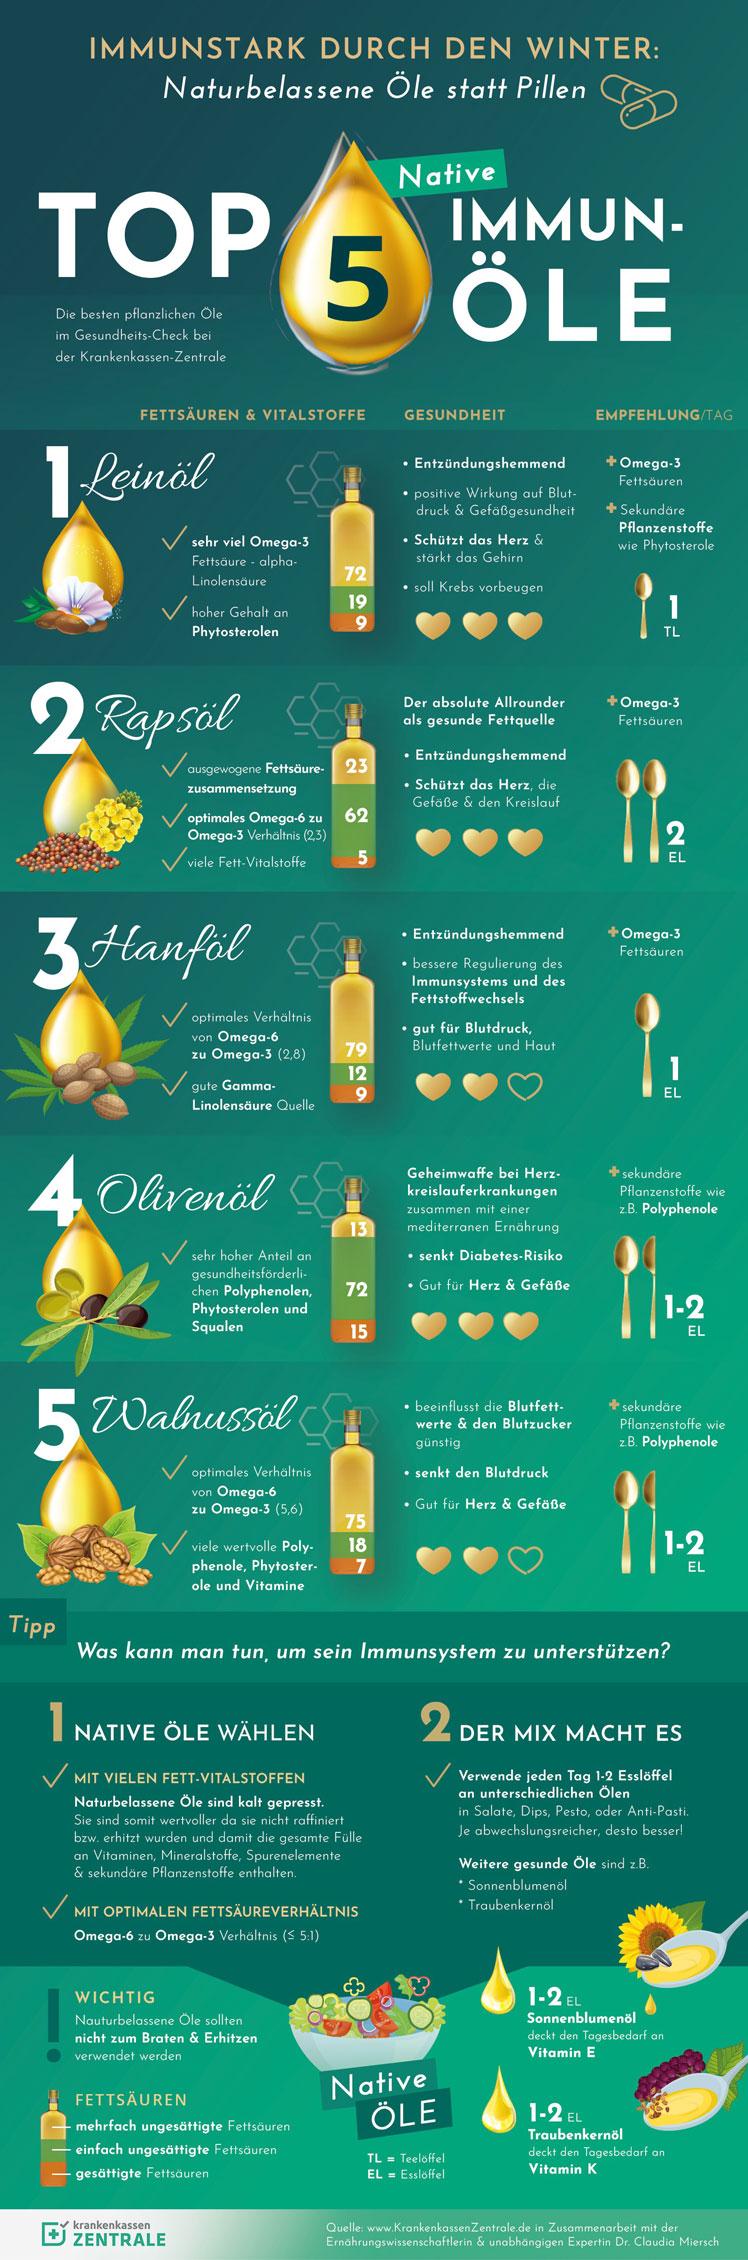 Die fünf besten Öle fürs Immunsystem